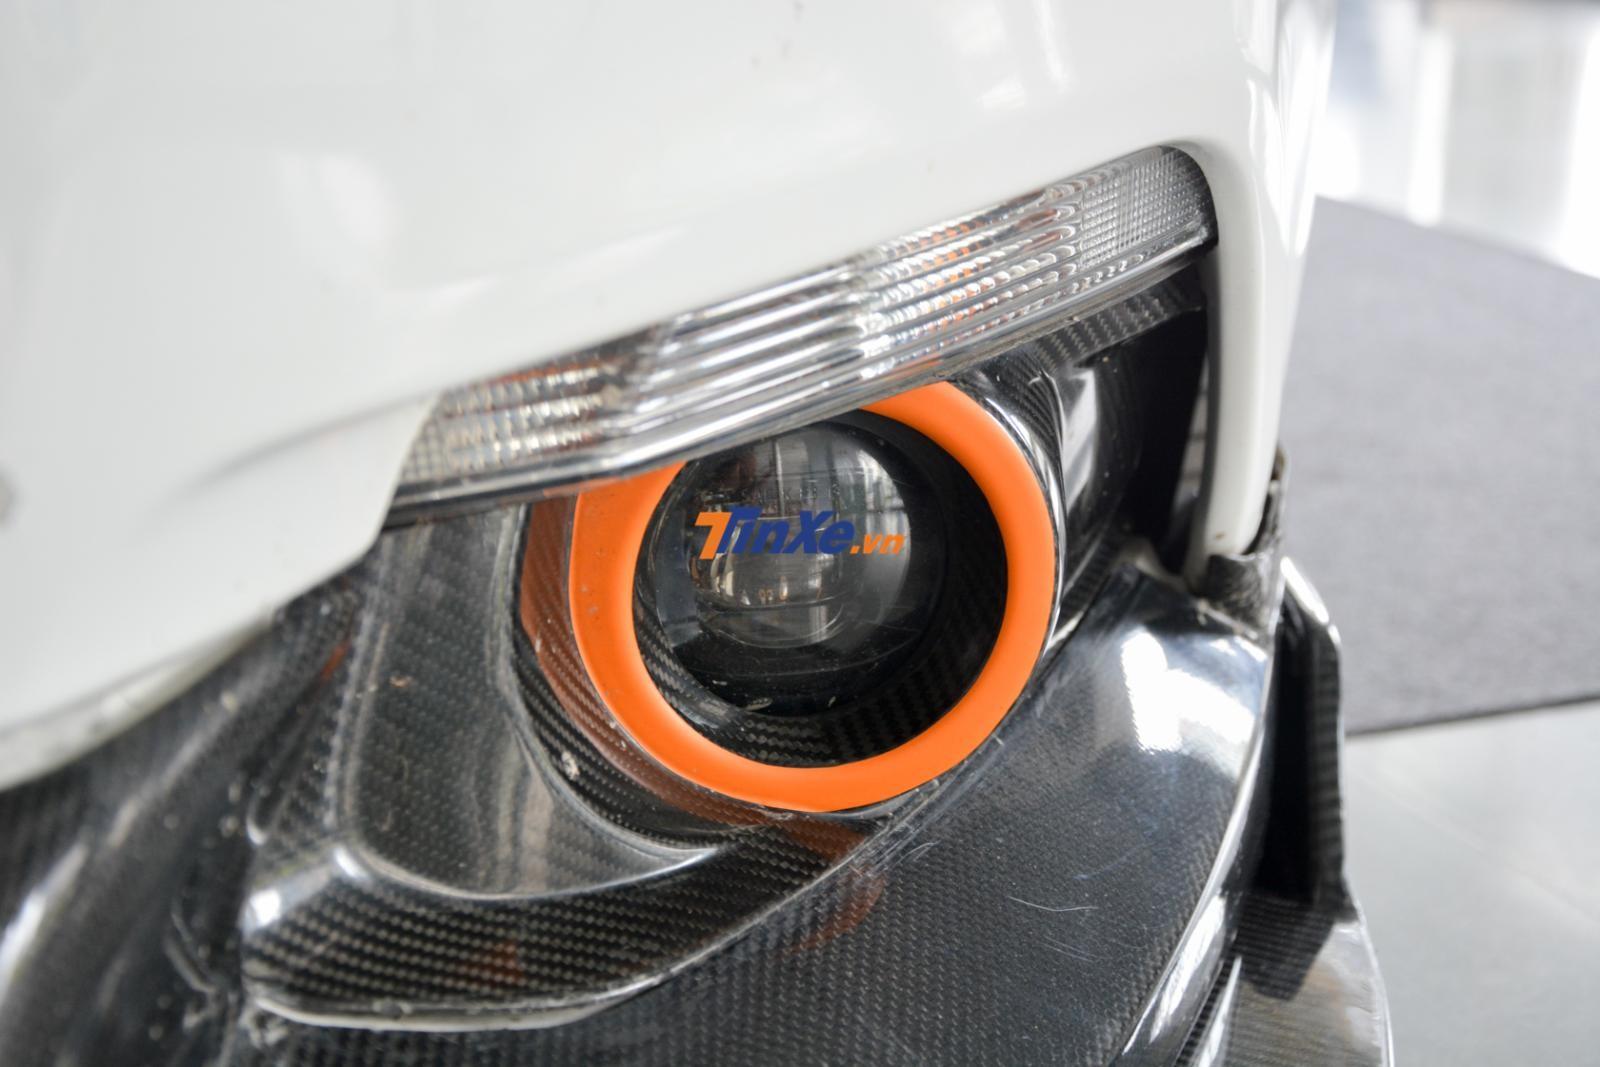 Hay đèn sương mù được dán đề-can màu cam tạo điểm nhấn